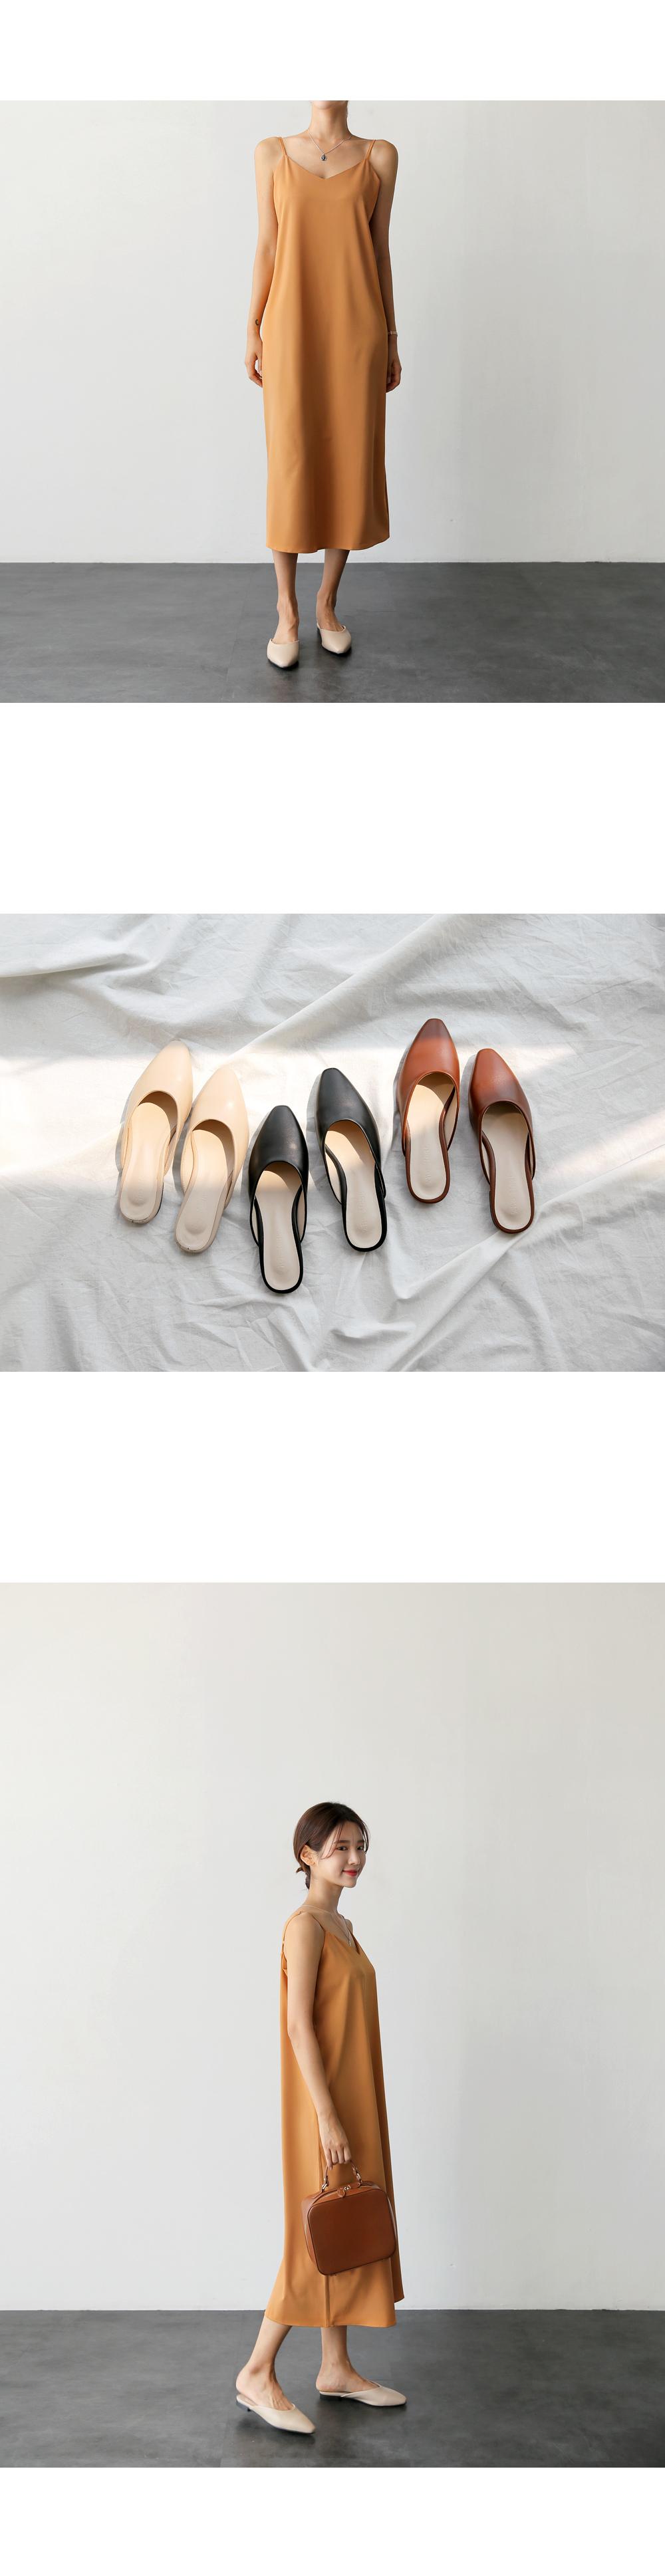 Gable shoes black 245 beige 235,245